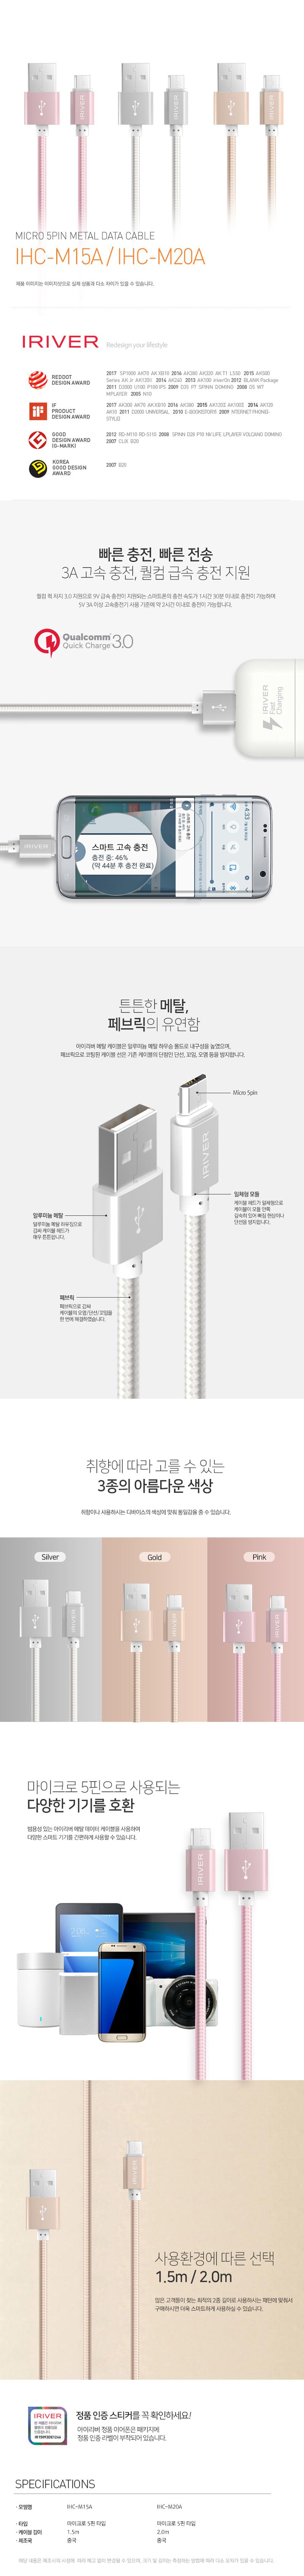 아이리버 USB케이블 메탈케이블 5핀 1.5m 2m - 친절한유에스비하우스, 3,900원, 케이블, 5핀